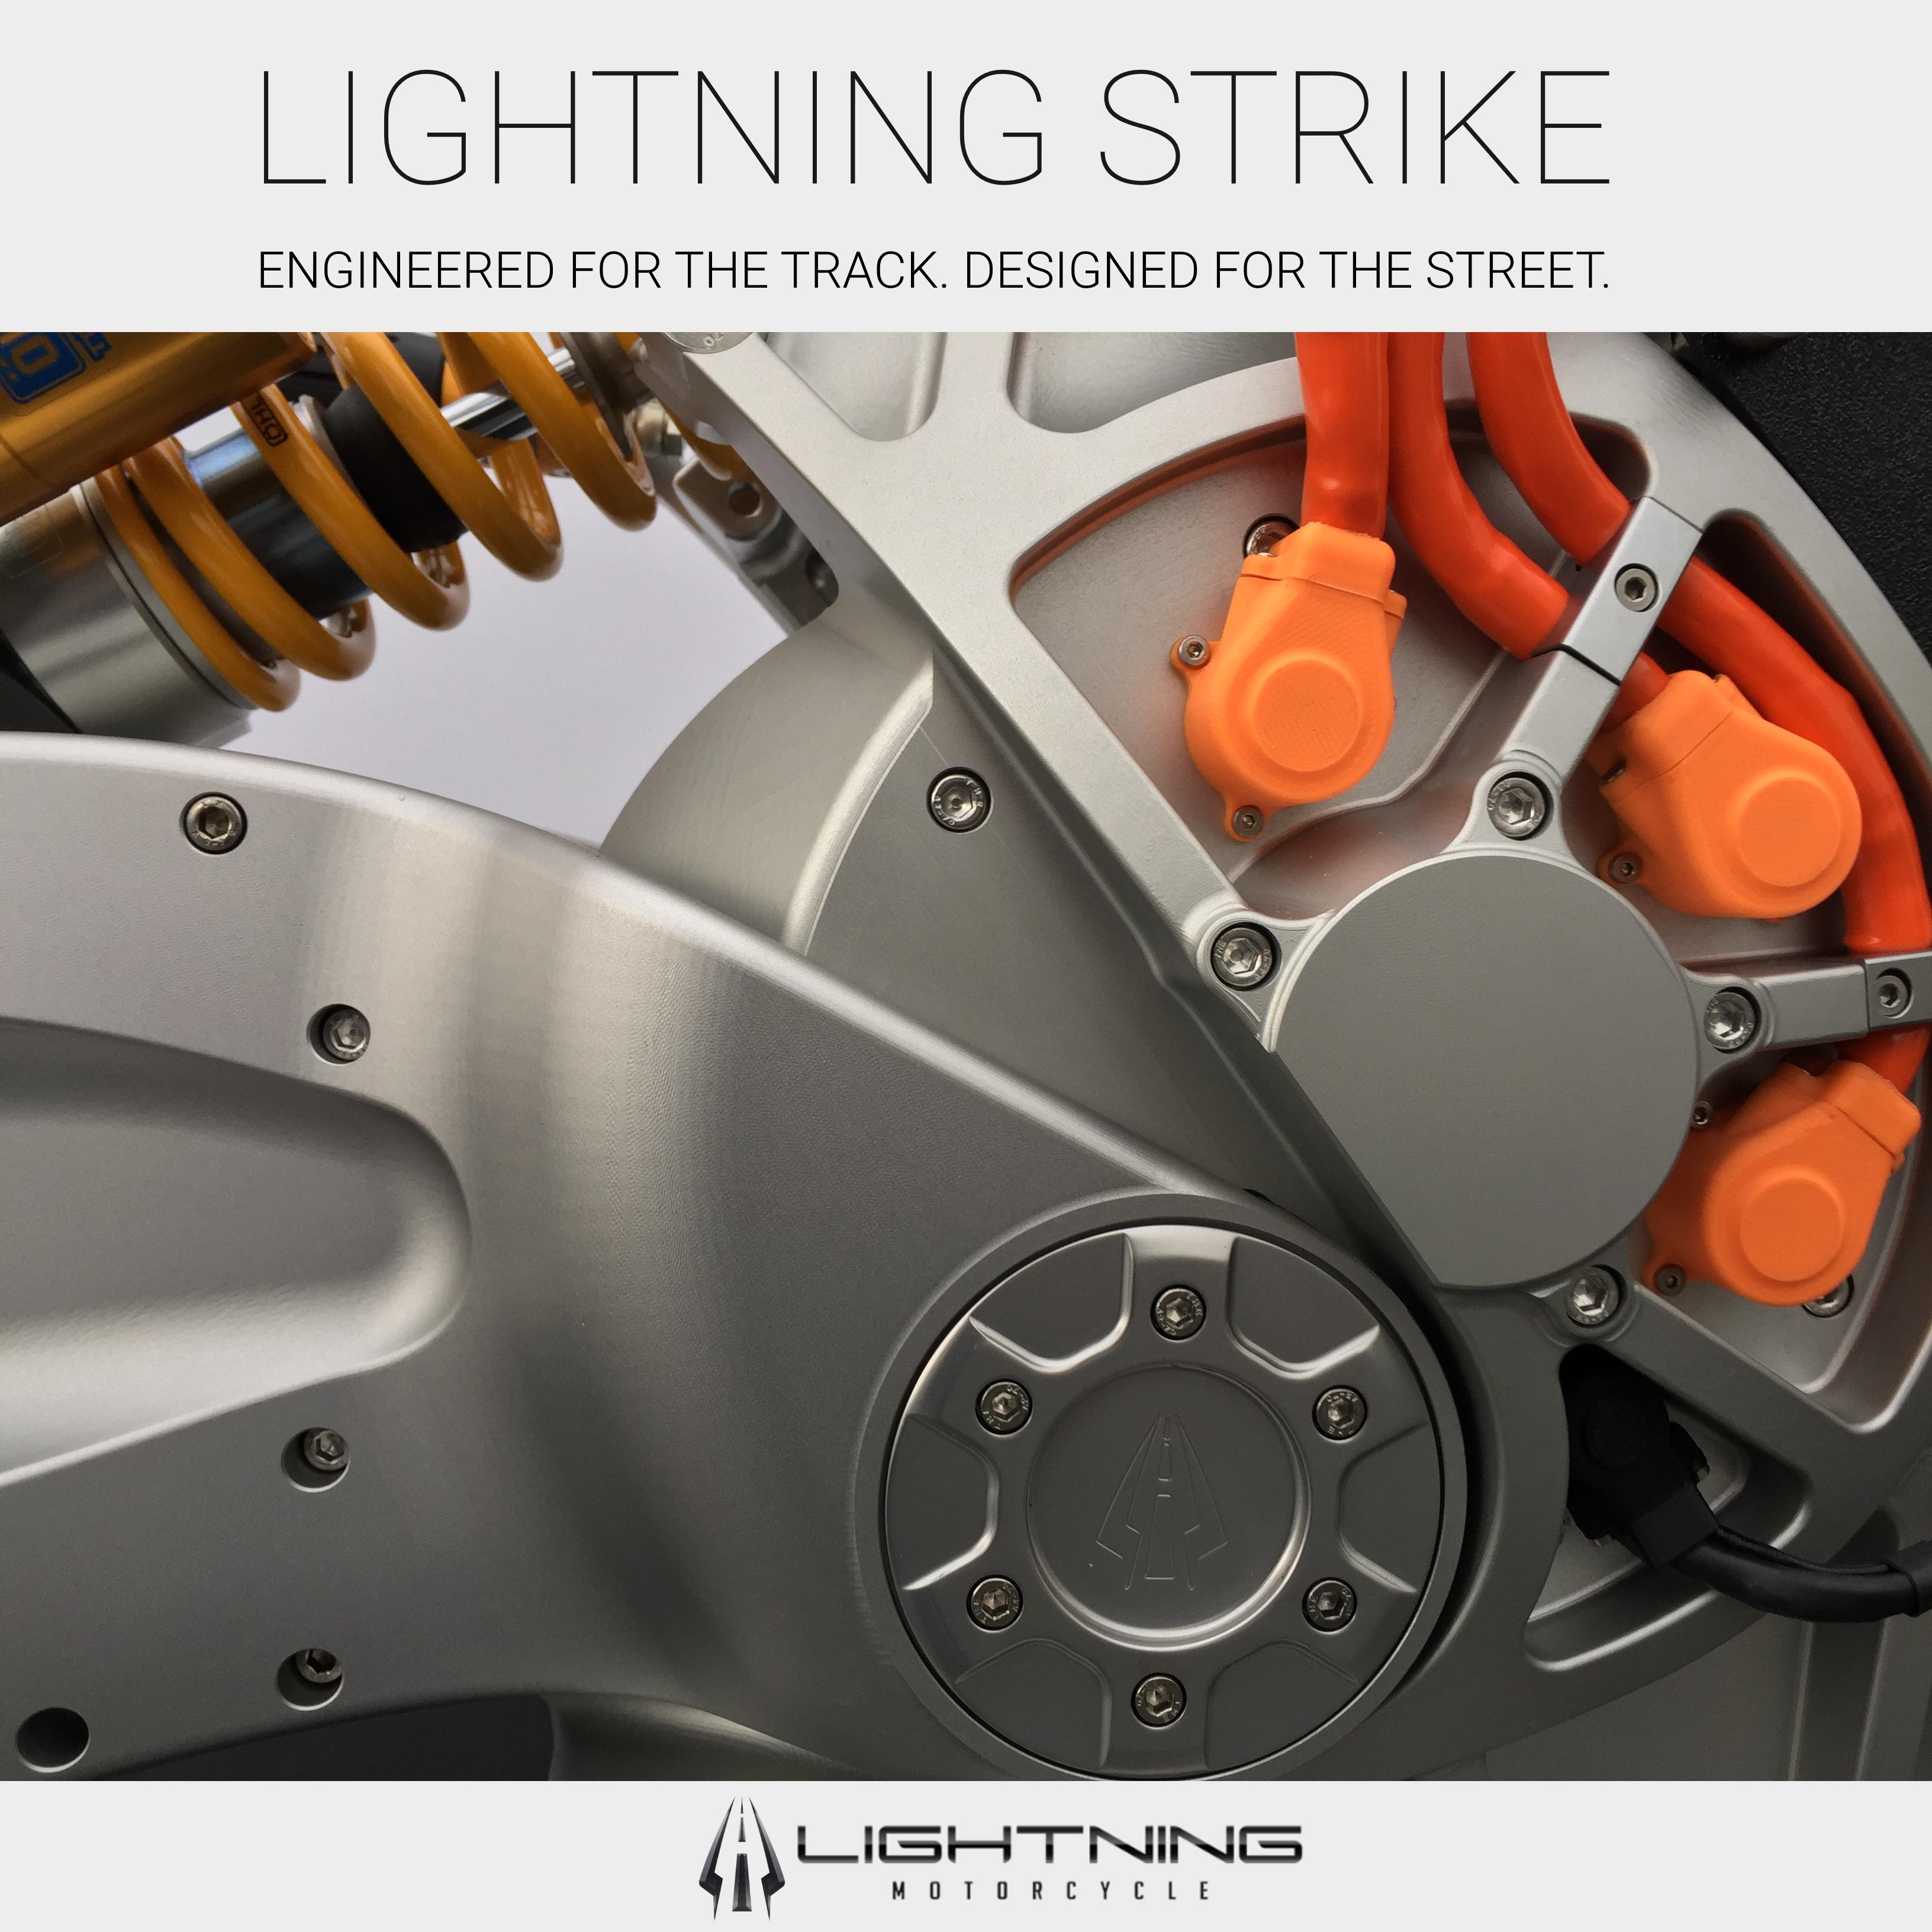 lightning strike motor